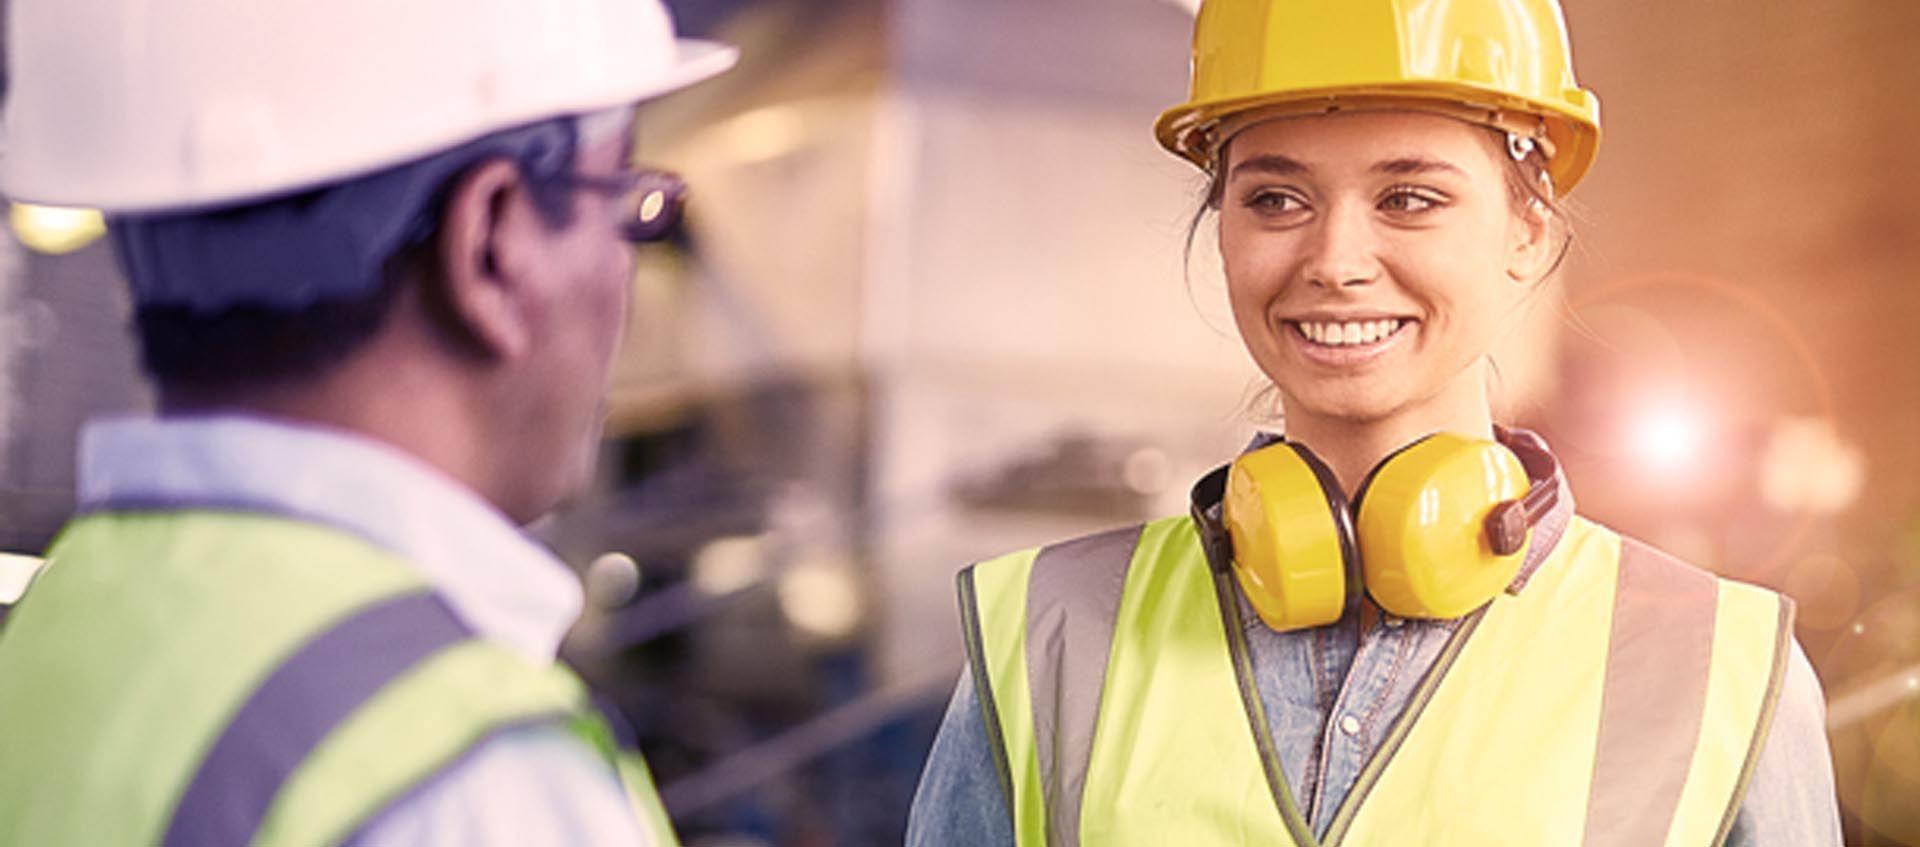 Saiba sobre os laudos diversos que garantem a sua segurança no trabalho.